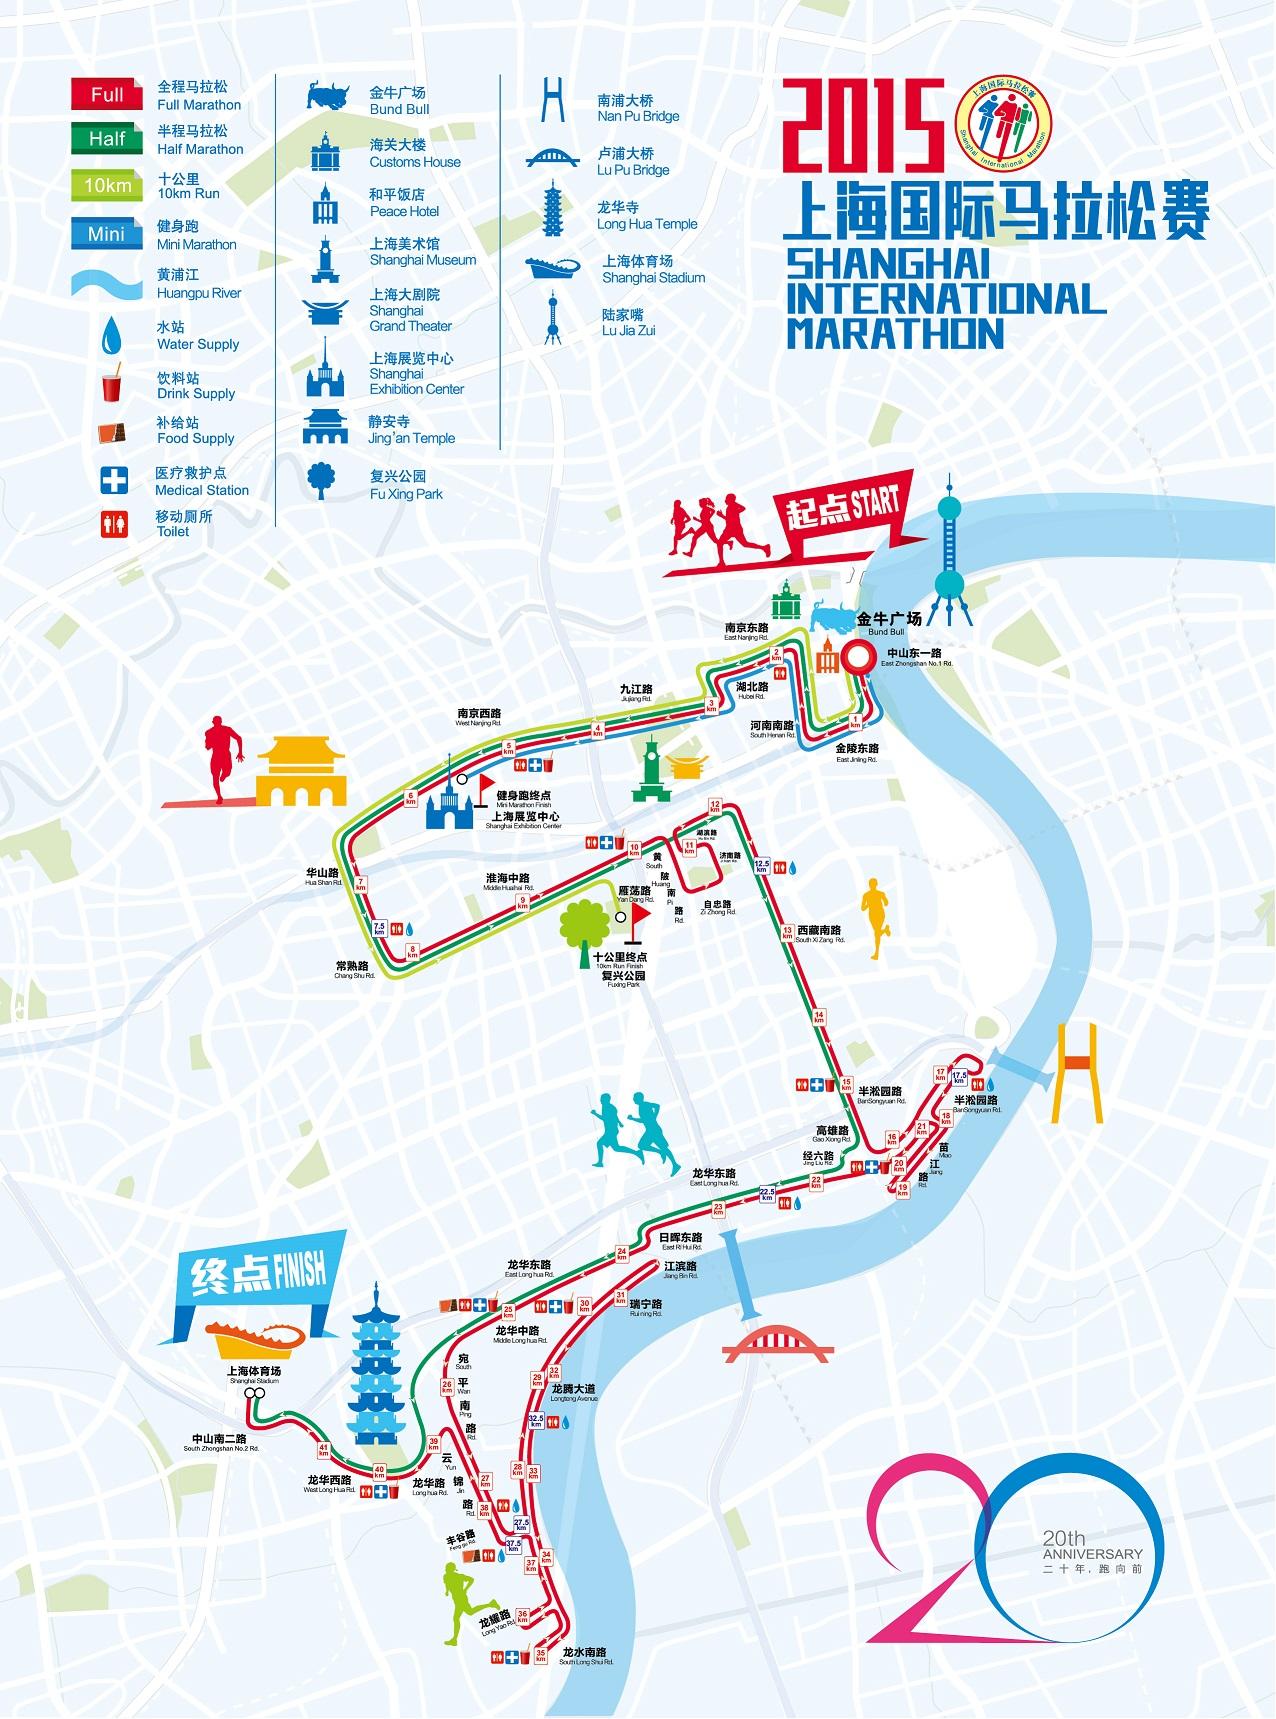 2016年上海马拉松比赛路线图图片